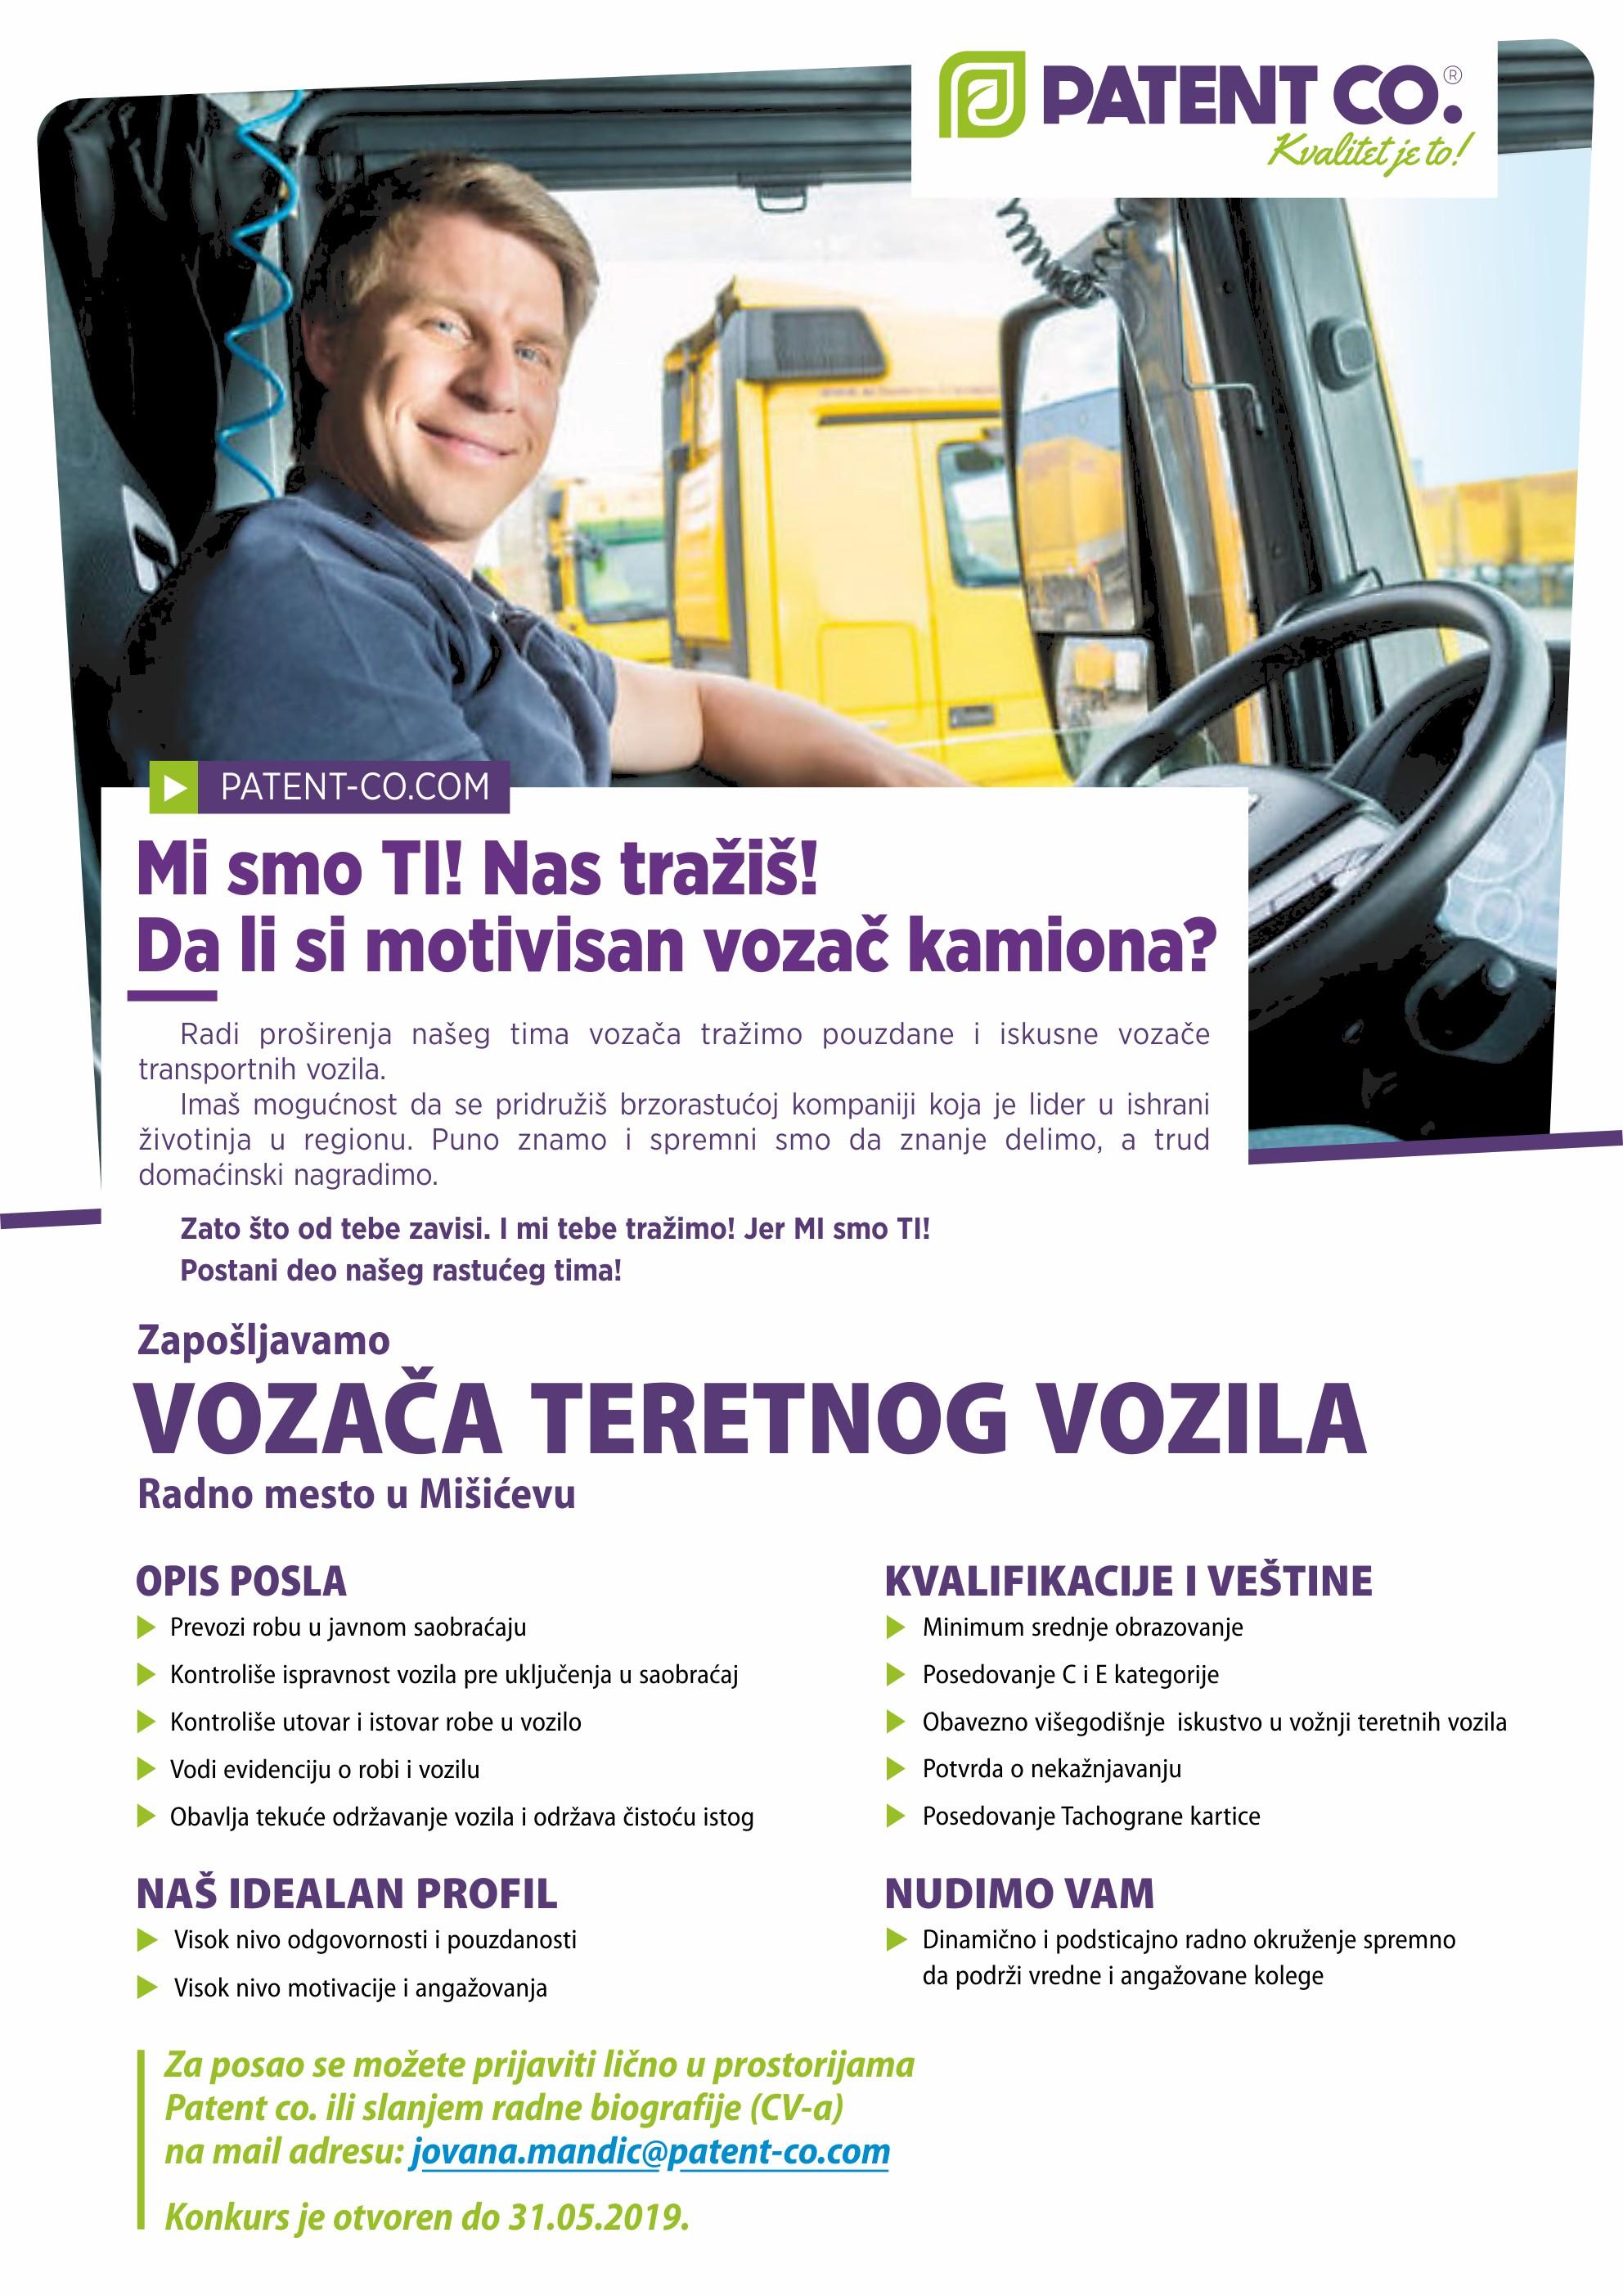 Vozač teretnog vozila